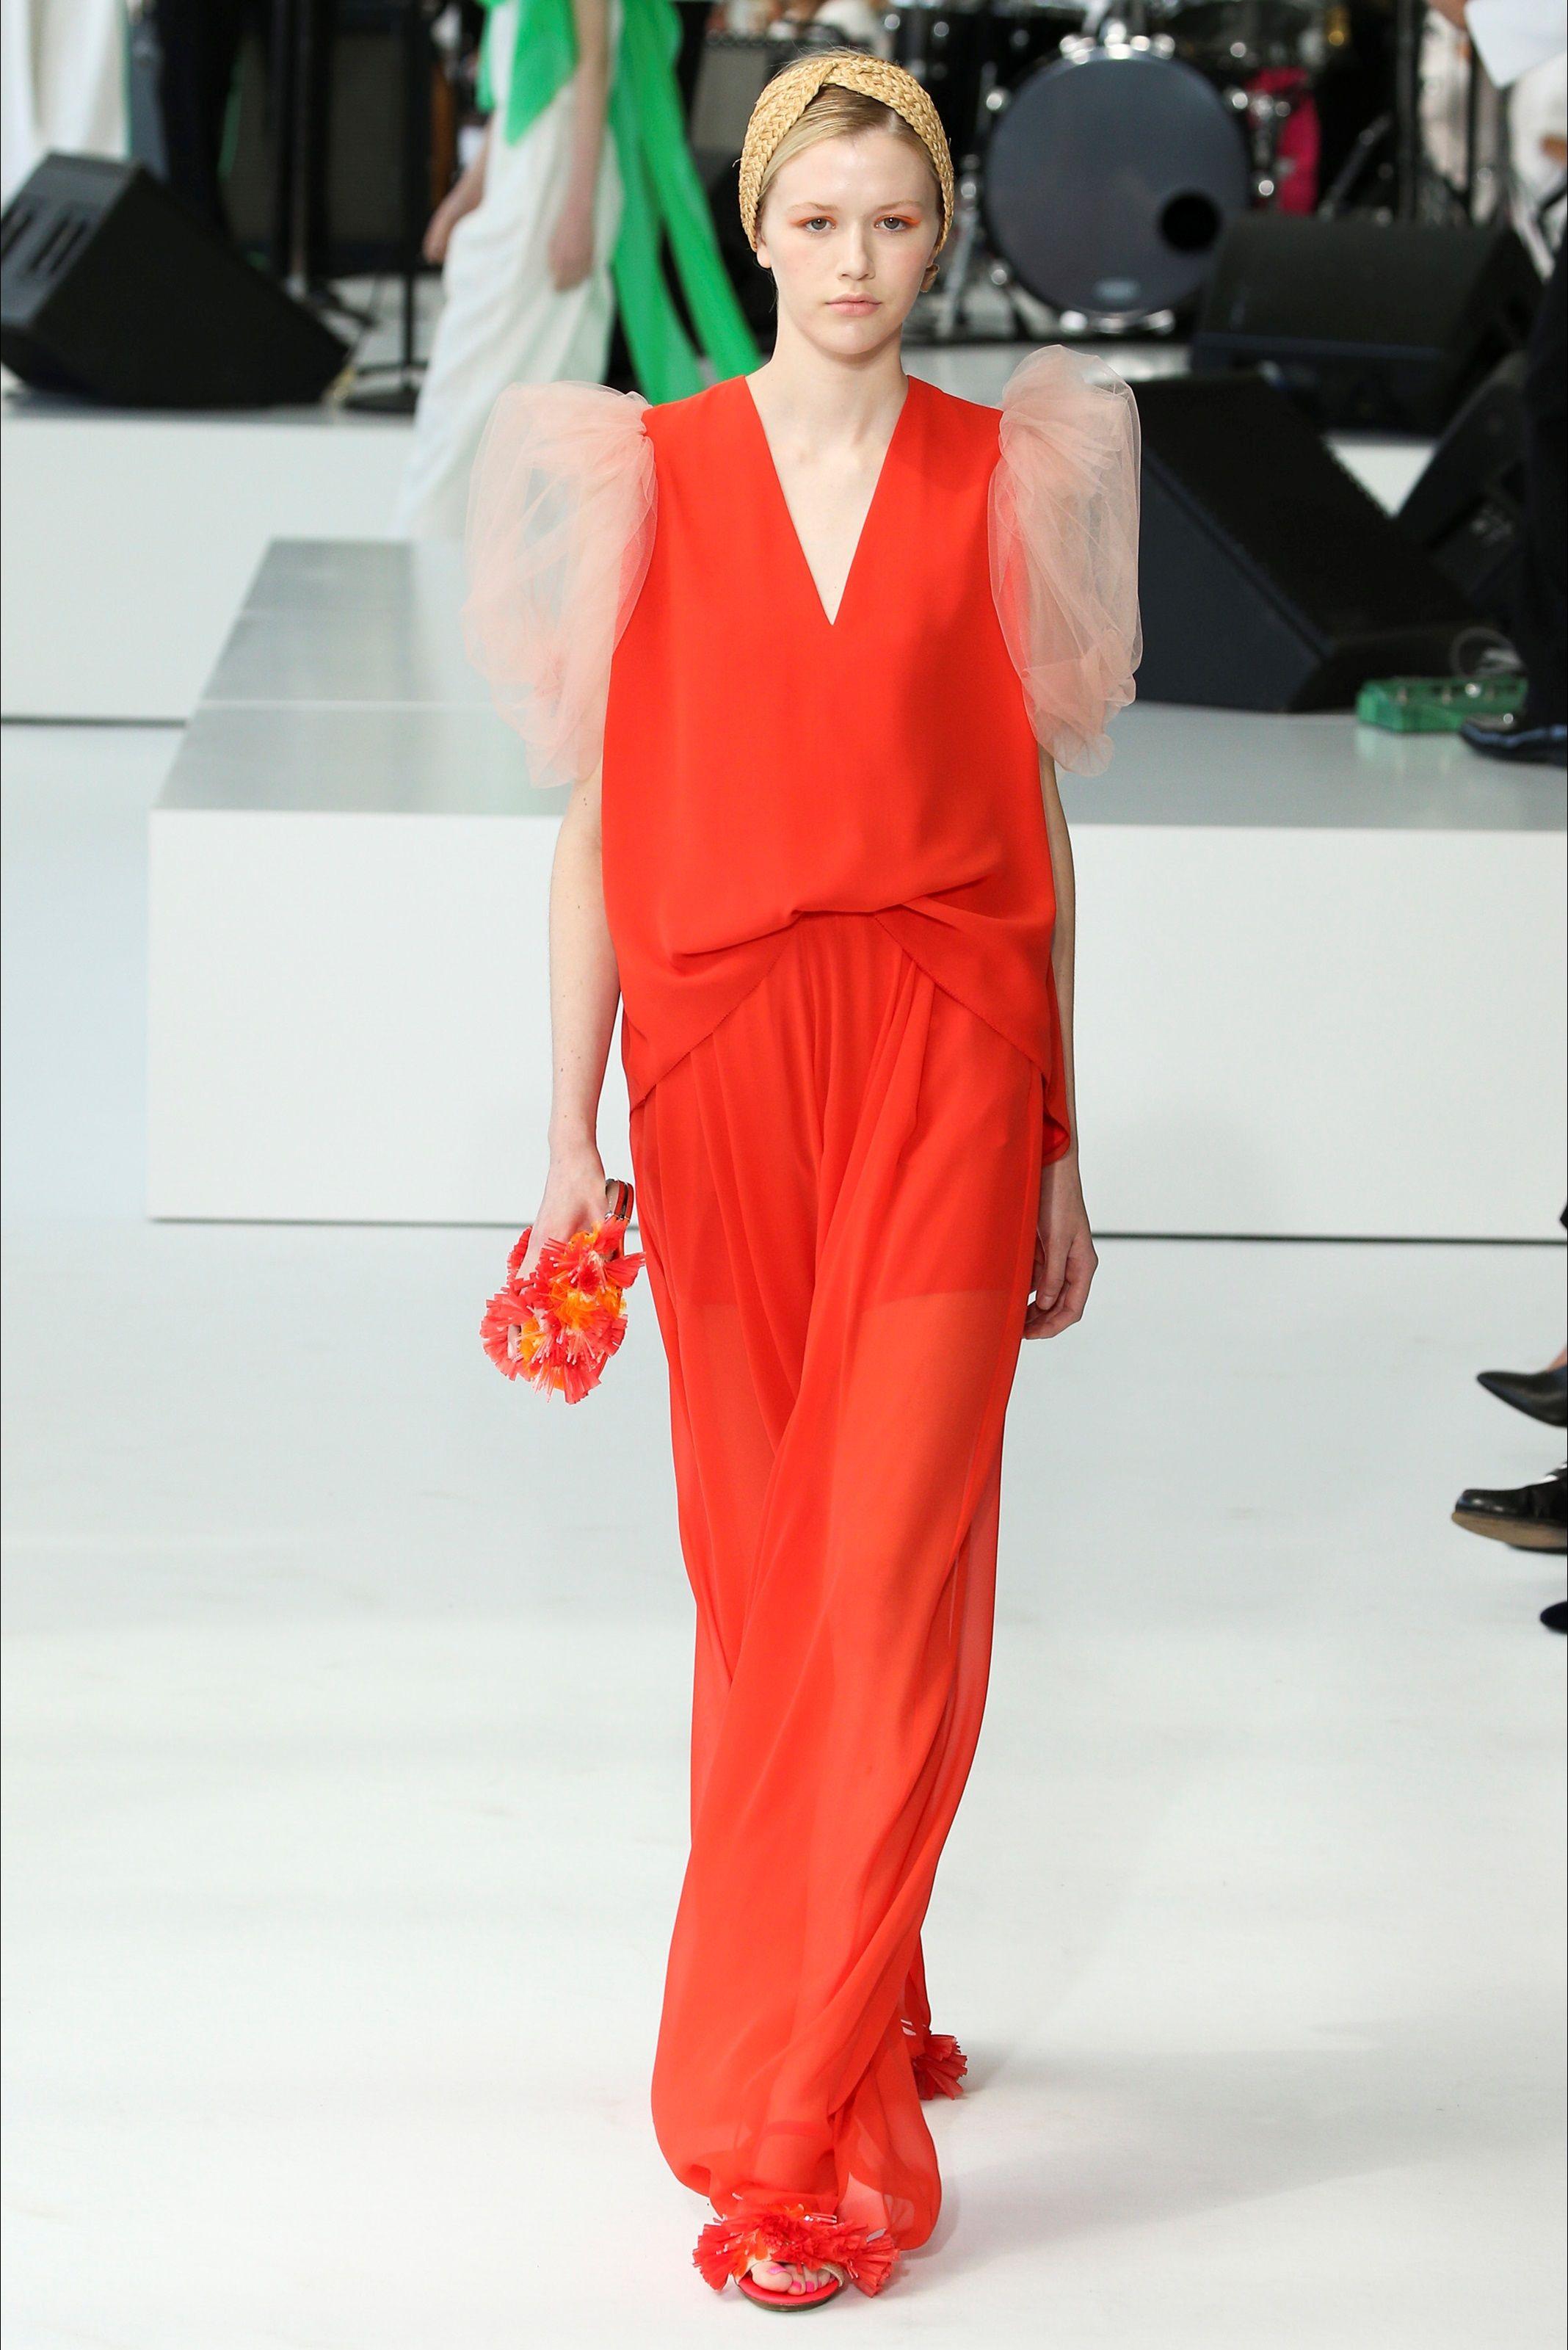 c64b3a3aecd1 Guarda la sfilata di moda Del Pozo a New York e scopri la collezione di  abiti